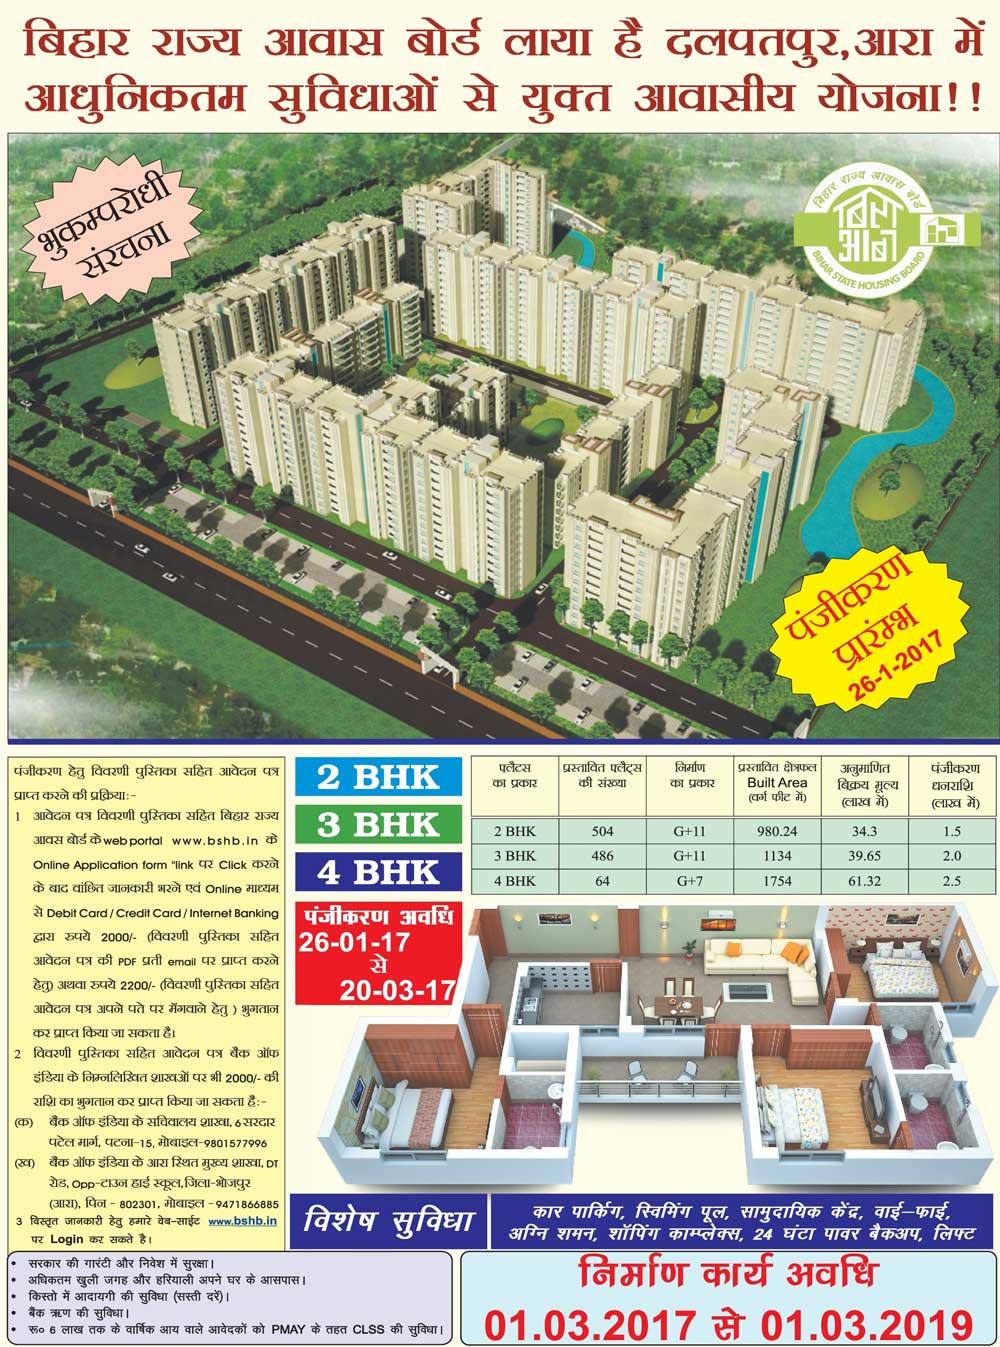 BSHB Ara Housing Scheme 2017